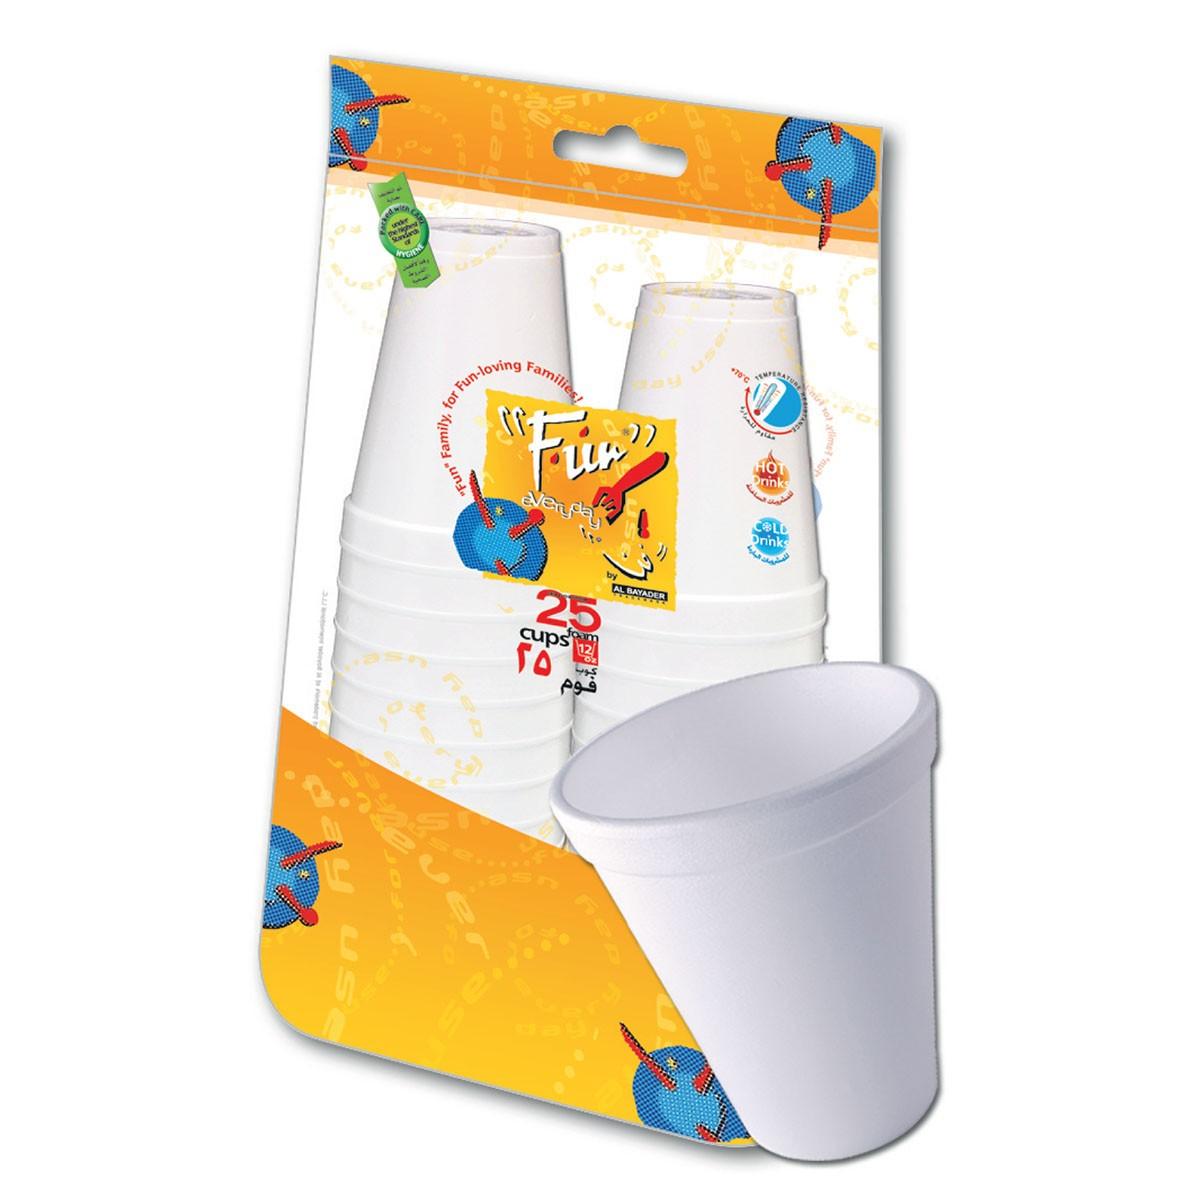 Fun® Foam Cup 12oz - White   25pcsx40pkts